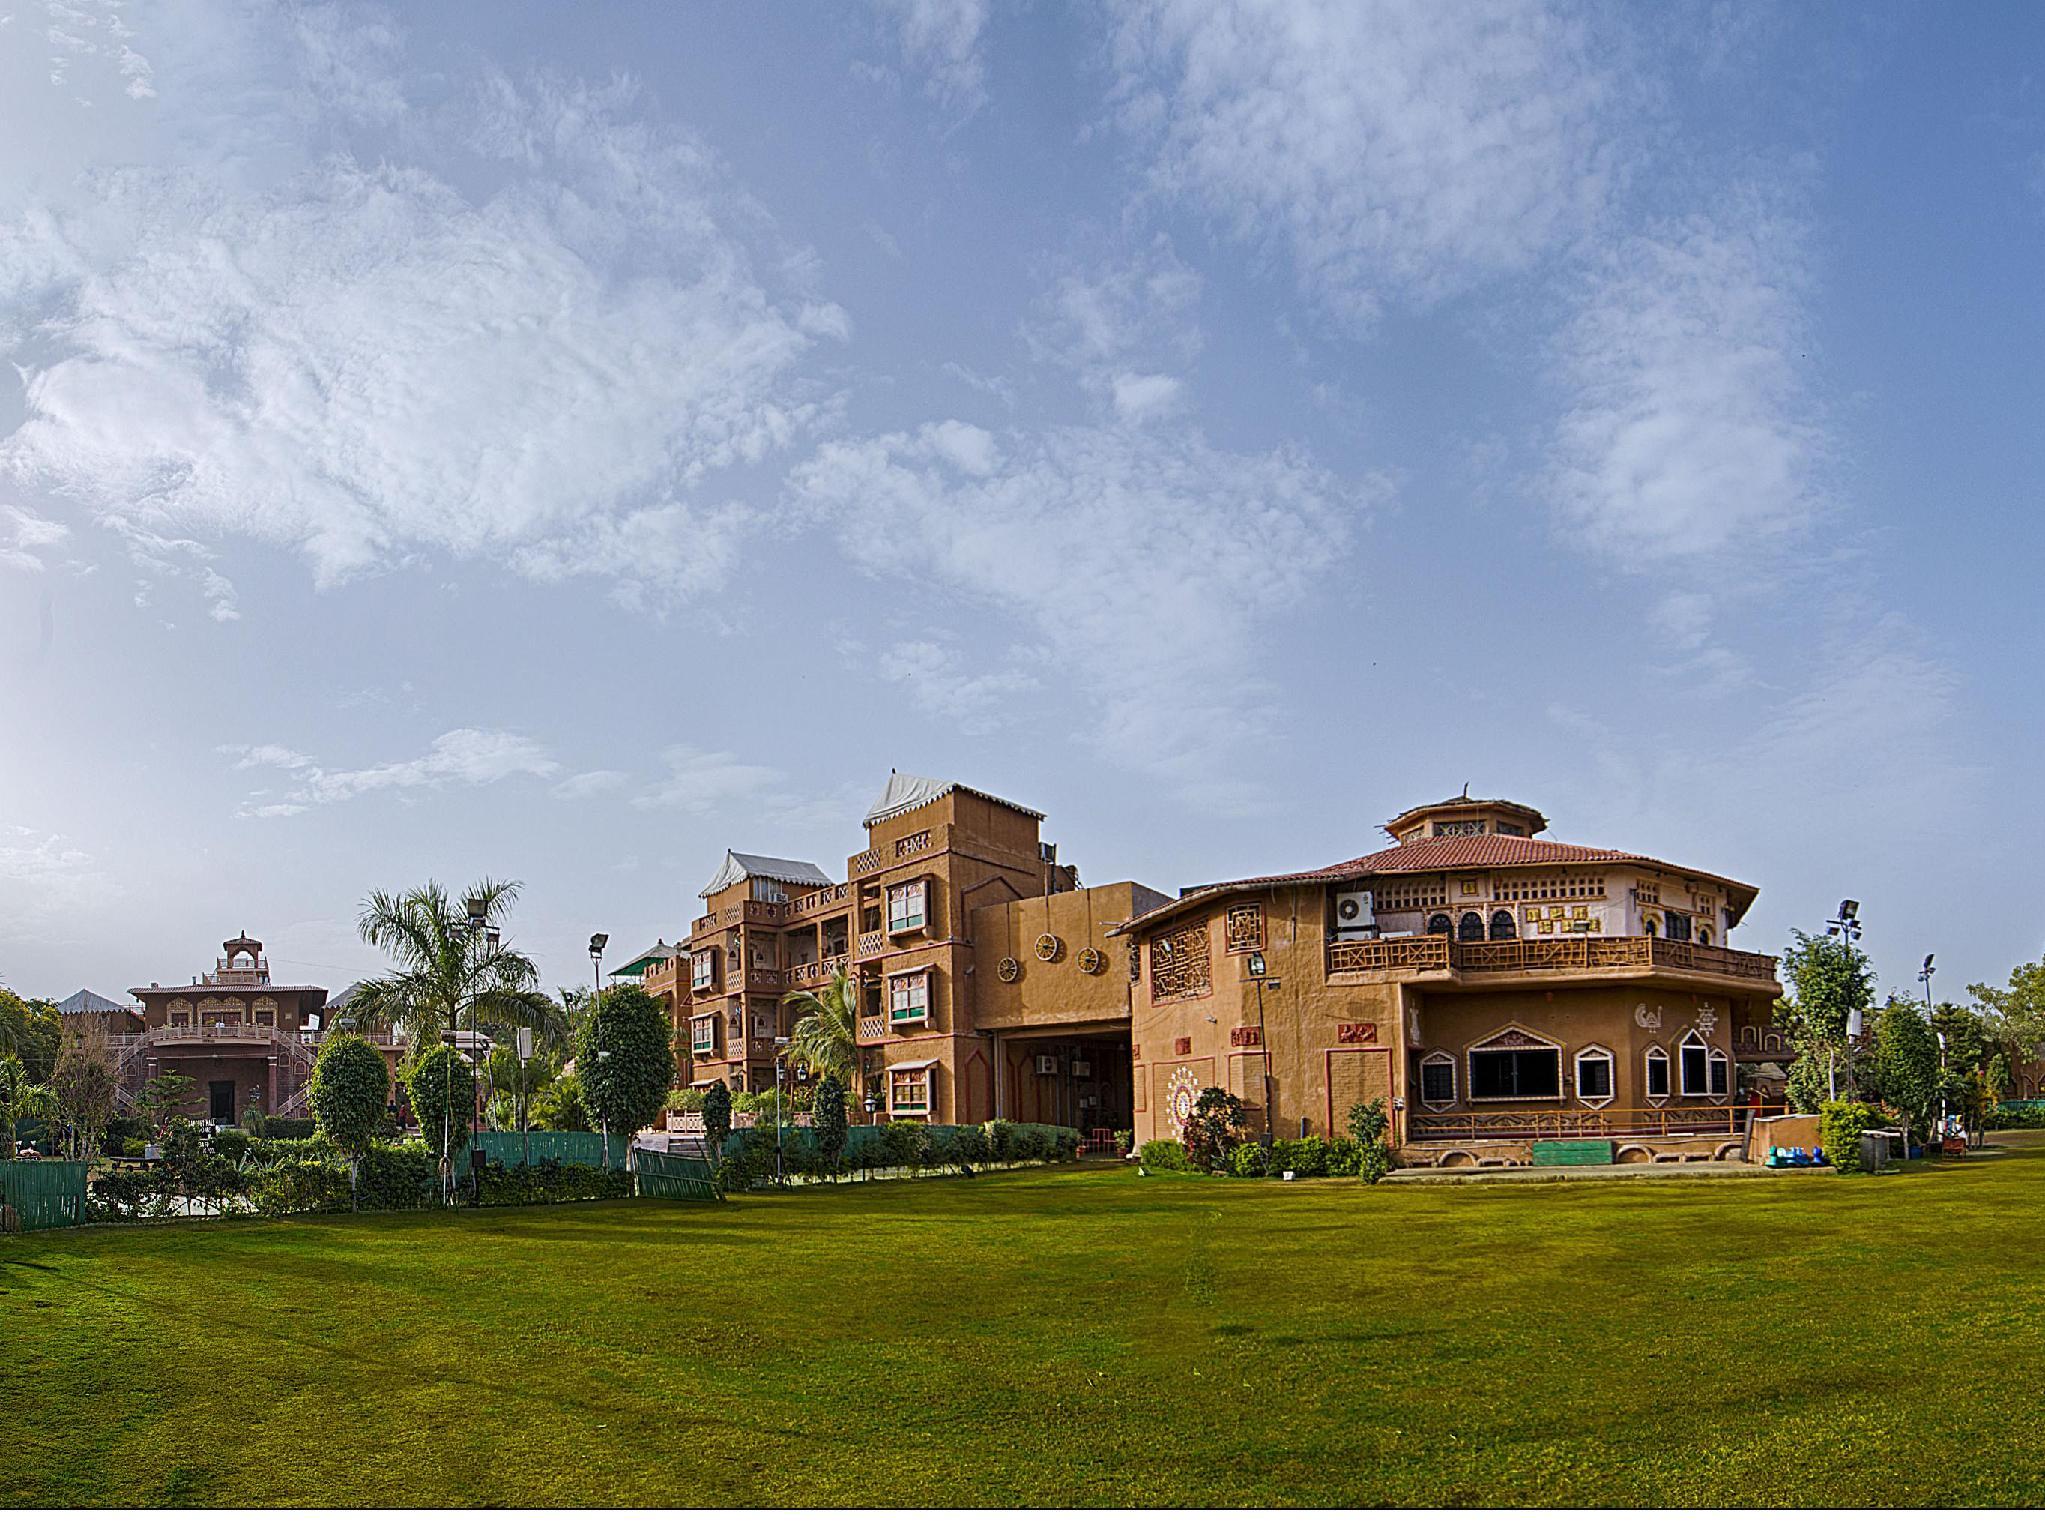 Nirali Dhani Ethnic Heritage Hotel & Resort Jodhpur